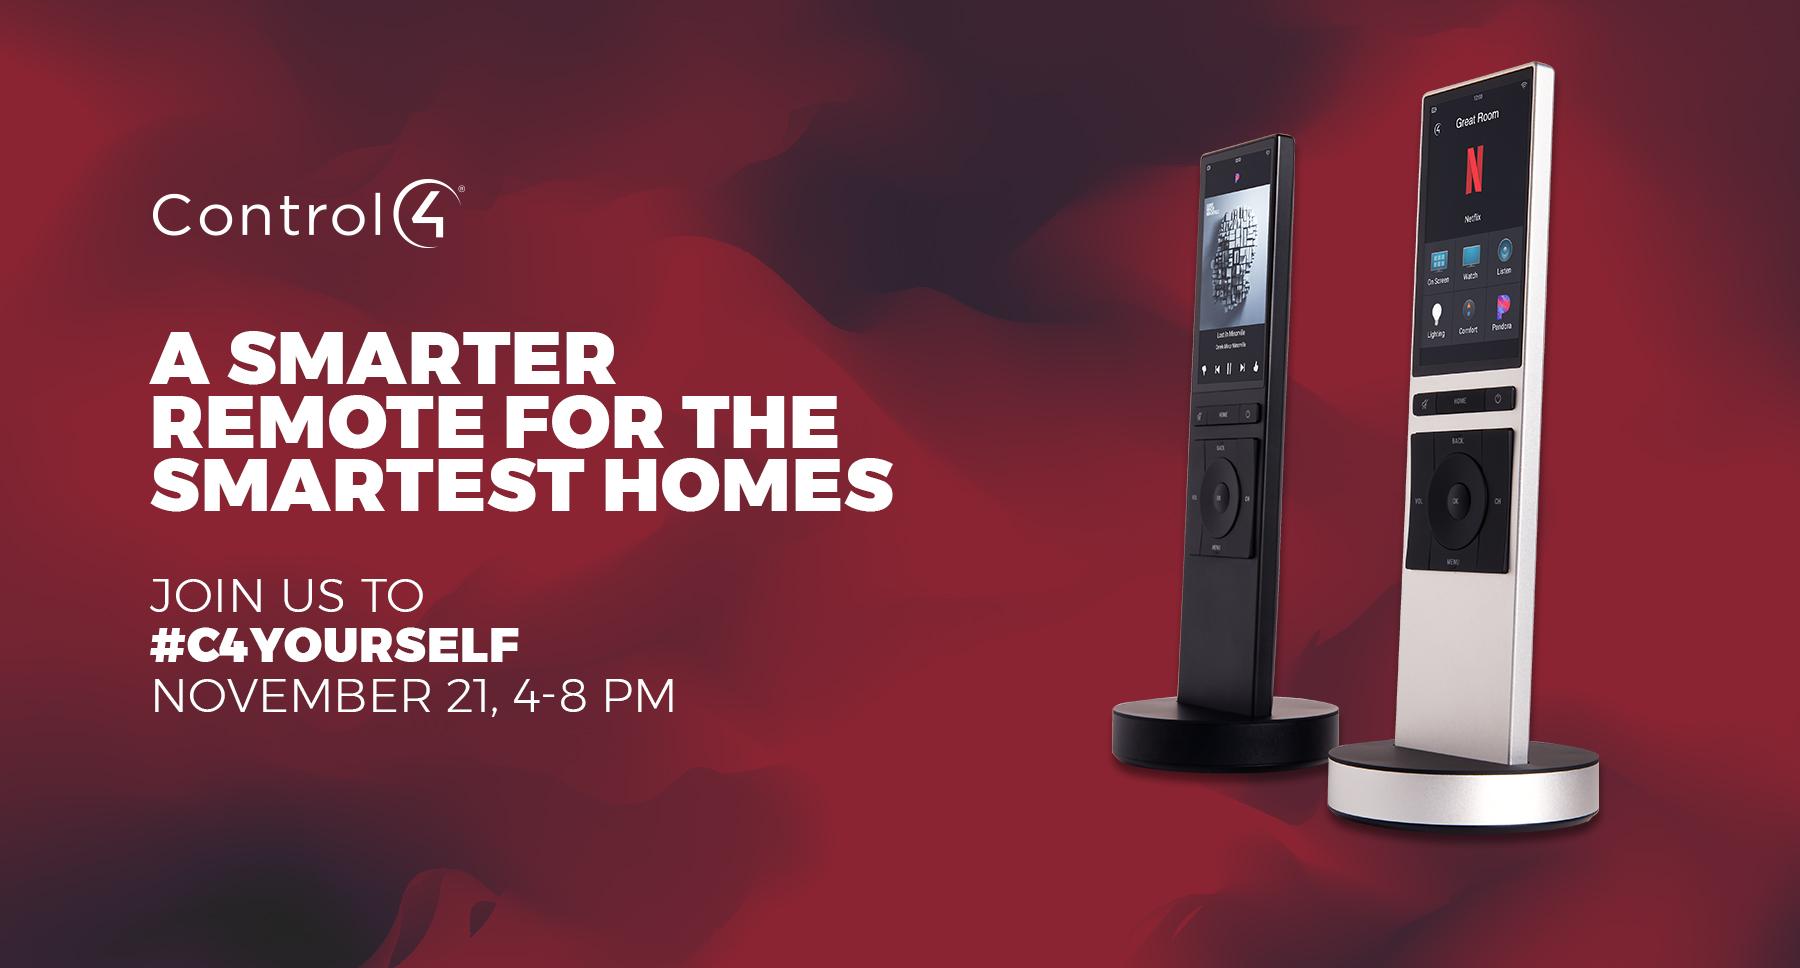 Control 4 smart home event